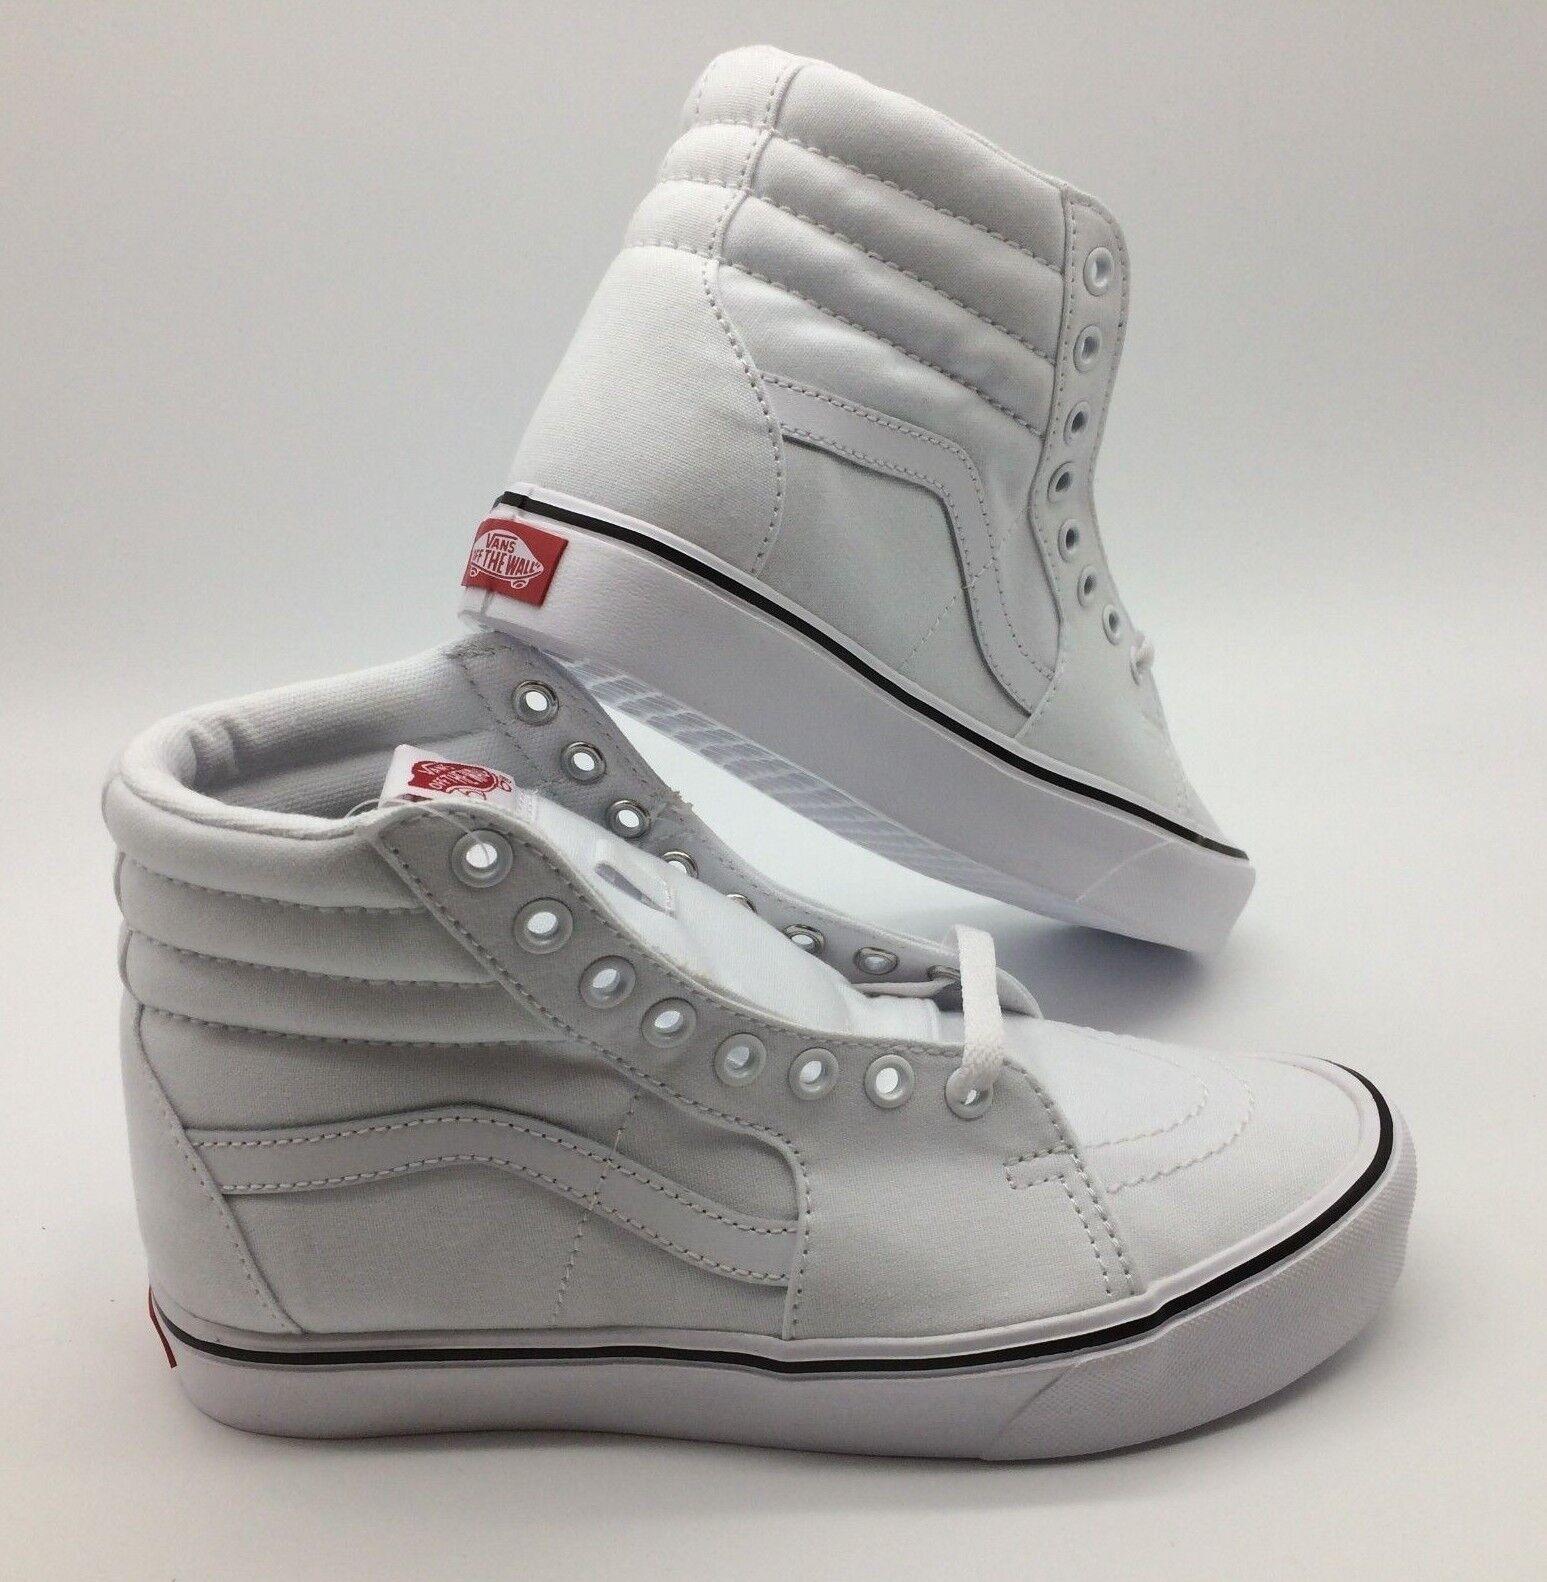 9f4ac6bfdabb Man s Woman s Man s Woman s Man s Woman s Vans Men s Shoes